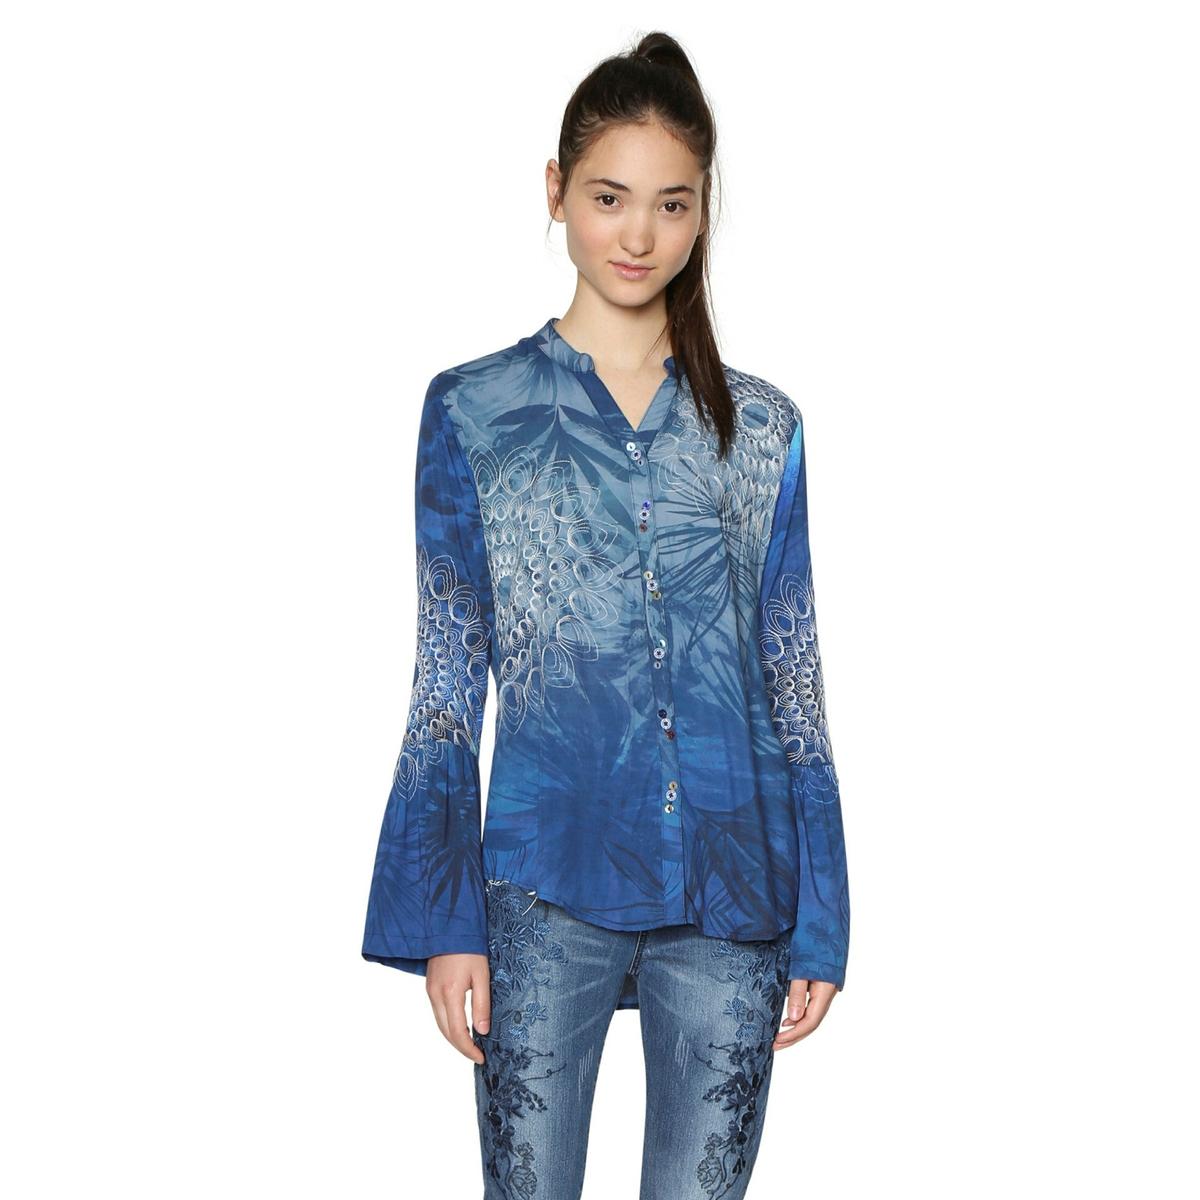 Рубашка приталенная с воротником-полоОписаниеДетали •  Длинные рукава •  Приталенный покрой •  Рубашечный воротник поло •  Графичный принт.Состав и уход •   100% вискоза •  Следуйте советам по уходу, указанным на этикетке<br><br>Цвет: рисунок темно-синий<br>Размер: M